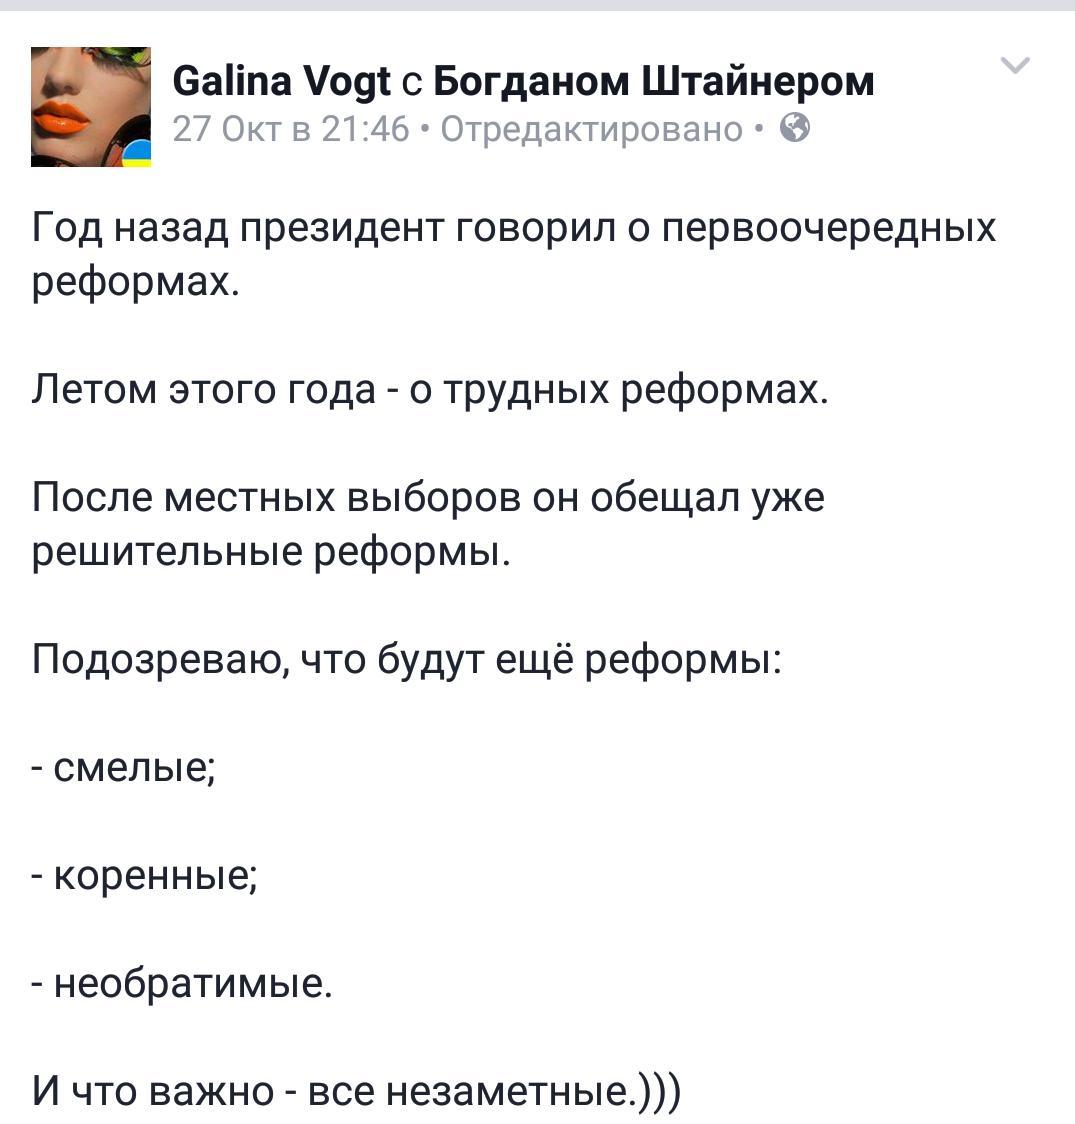 """Депутатам предлагают деньги от аренды """"газовой трубы"""" направлять не в бюджет, а на новую компанию """"Нафтогаза"""", - """"Главком"""" - Цензор.НЕТ 1707"""